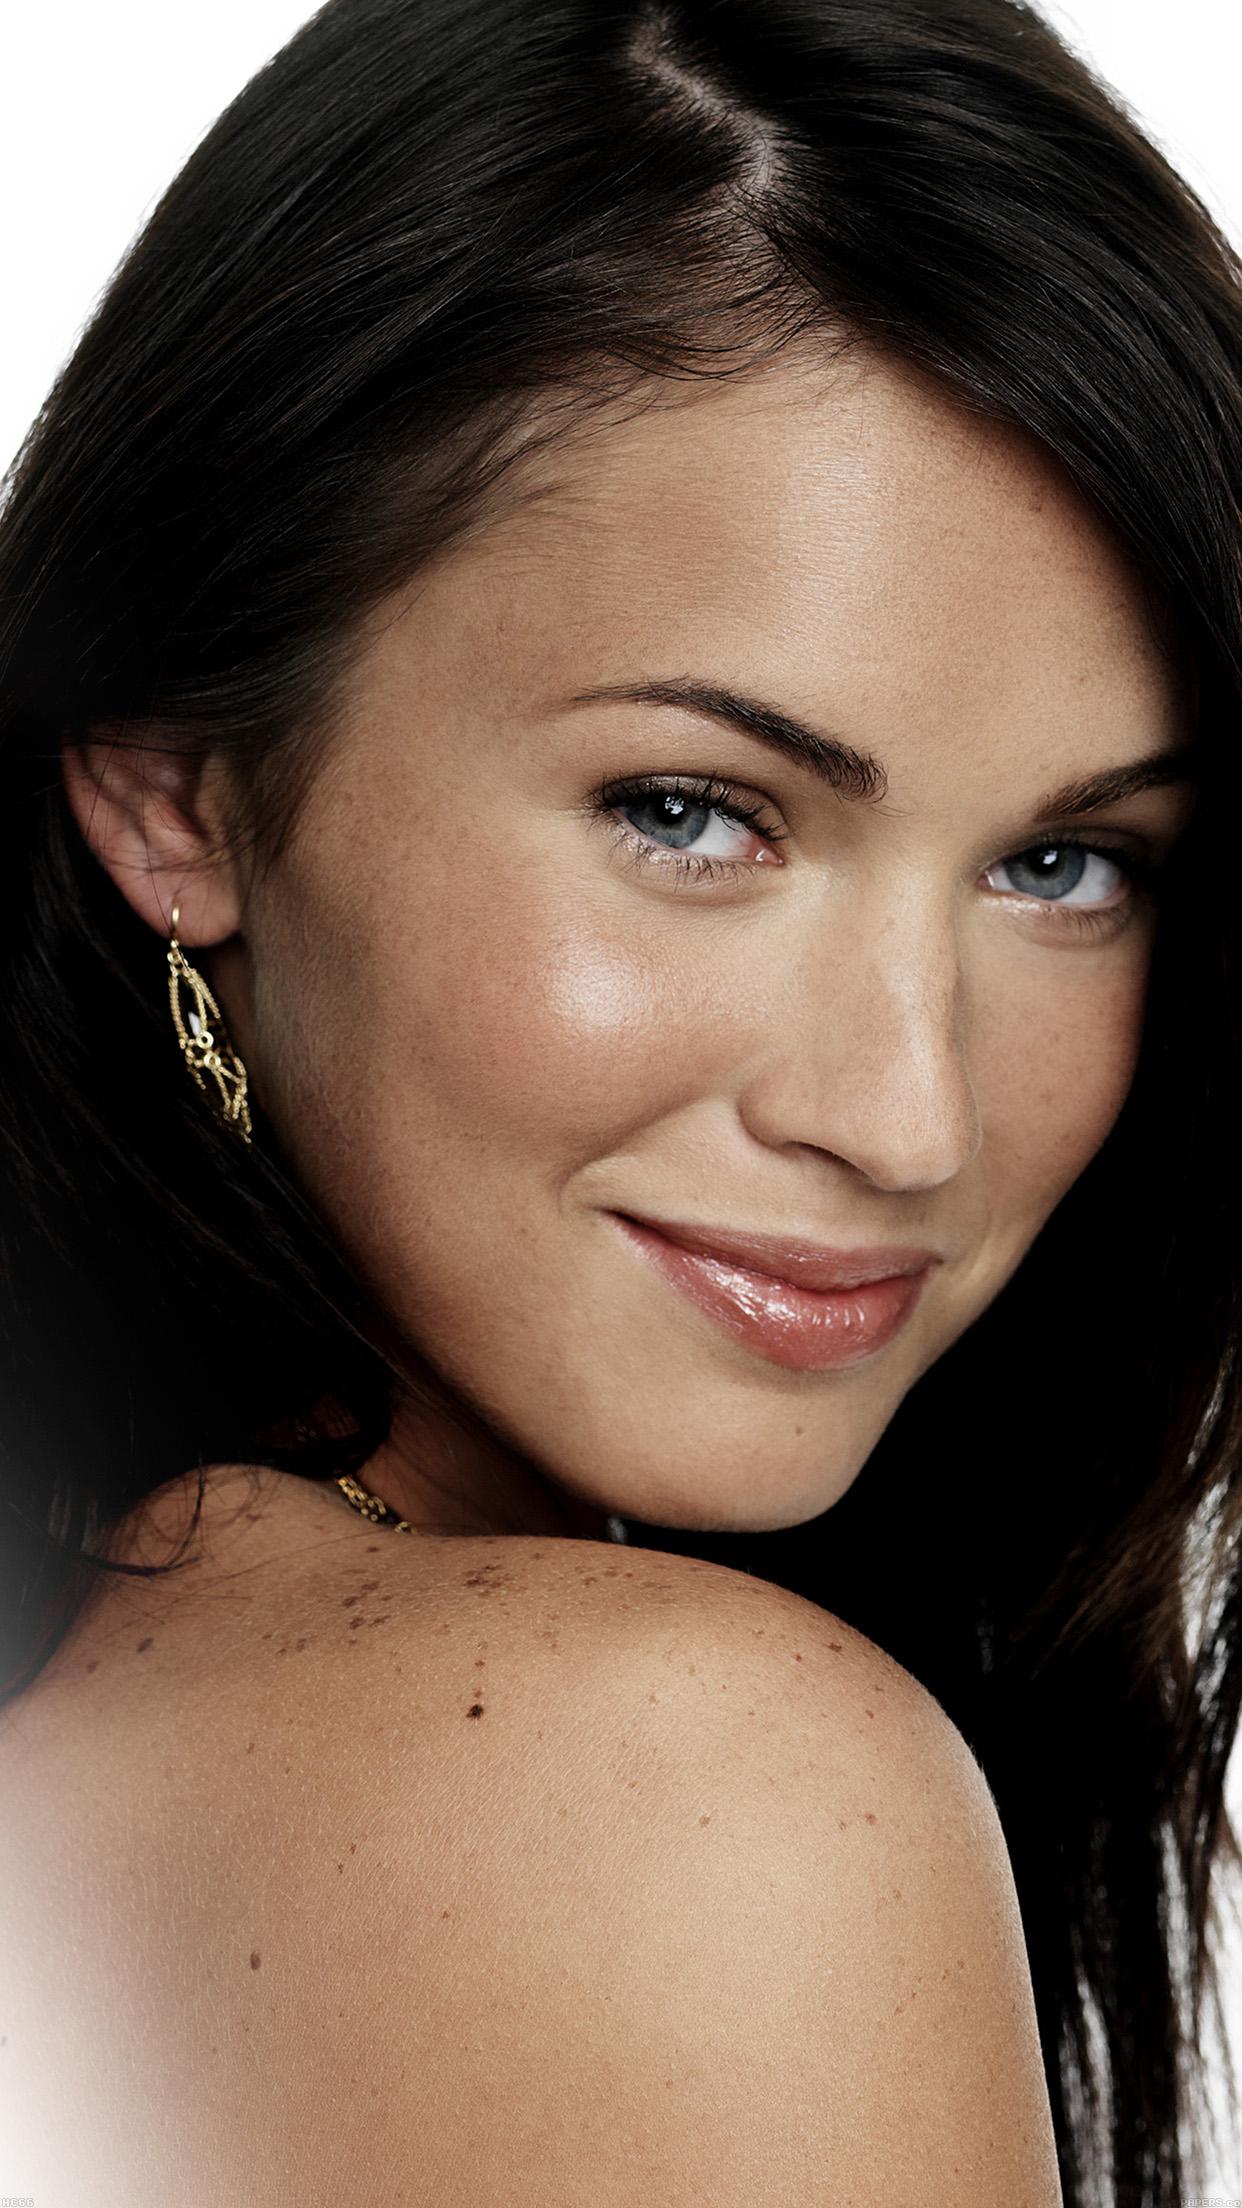 Iphone7papers Hc66 Megan Fox Sexy Actress